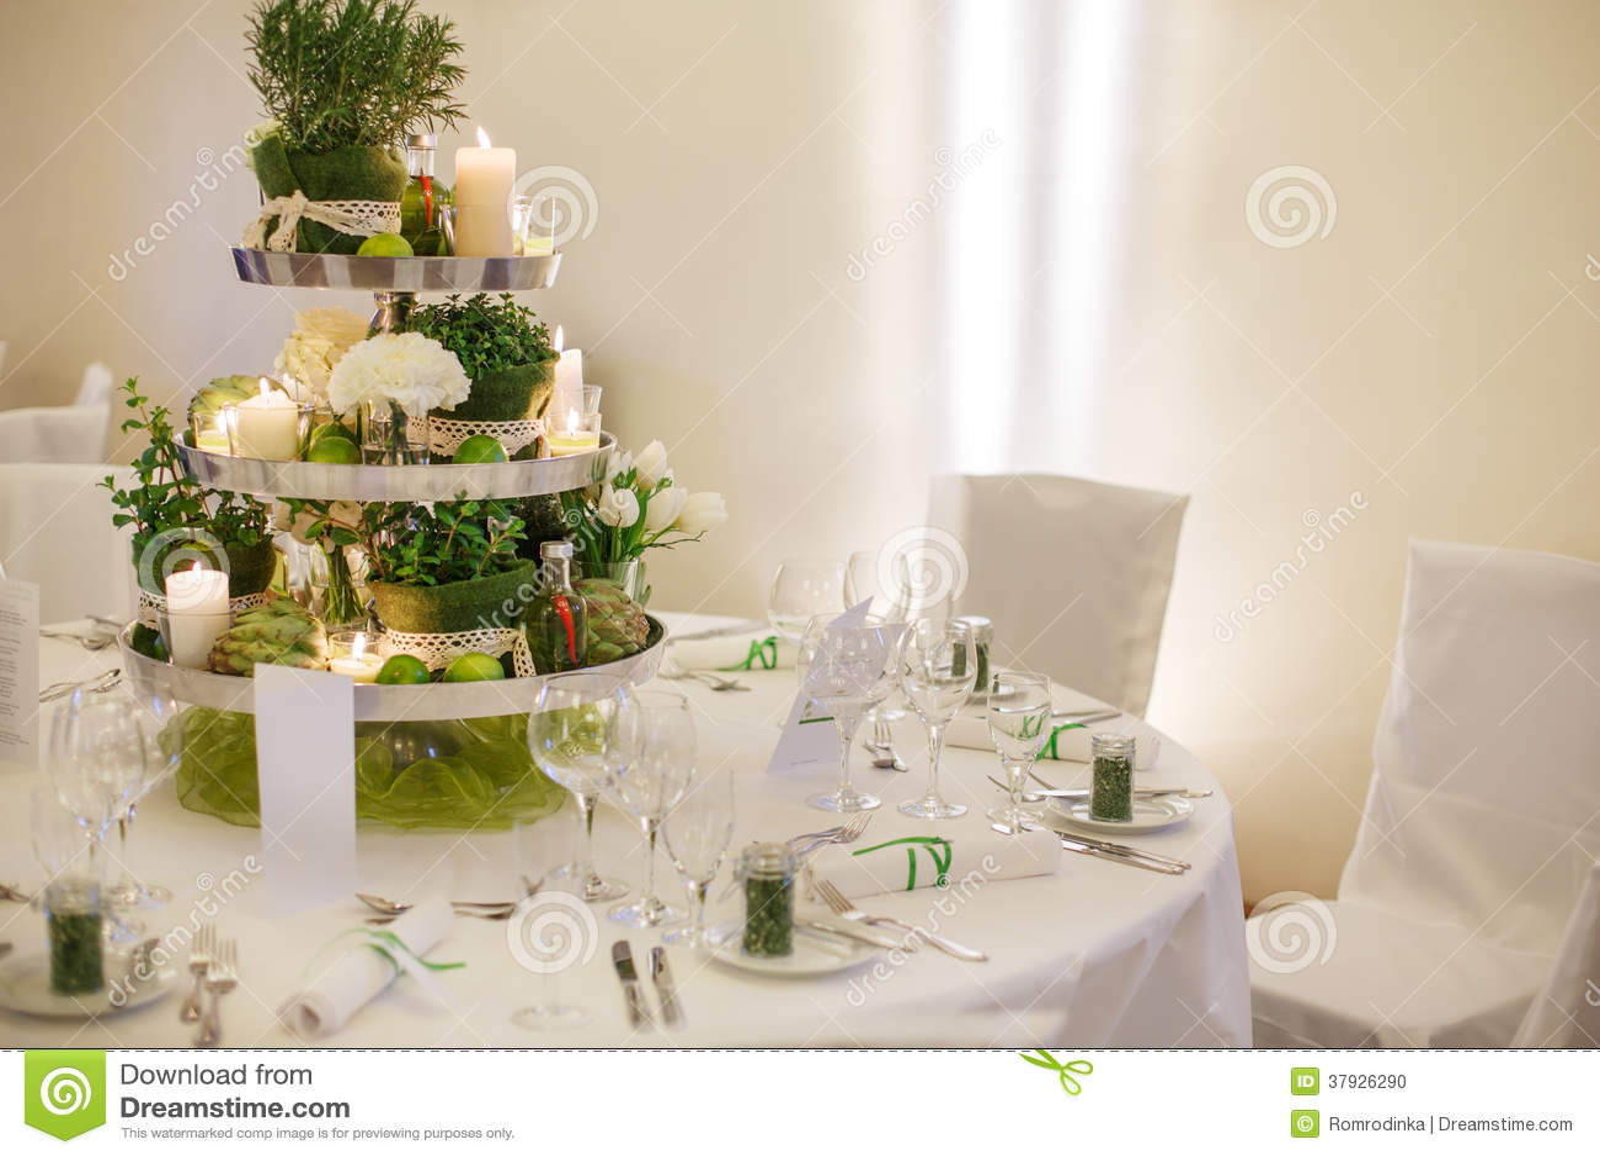 Красивая таблица установила для зеленой партии свадьбы или события, внутри помещения,